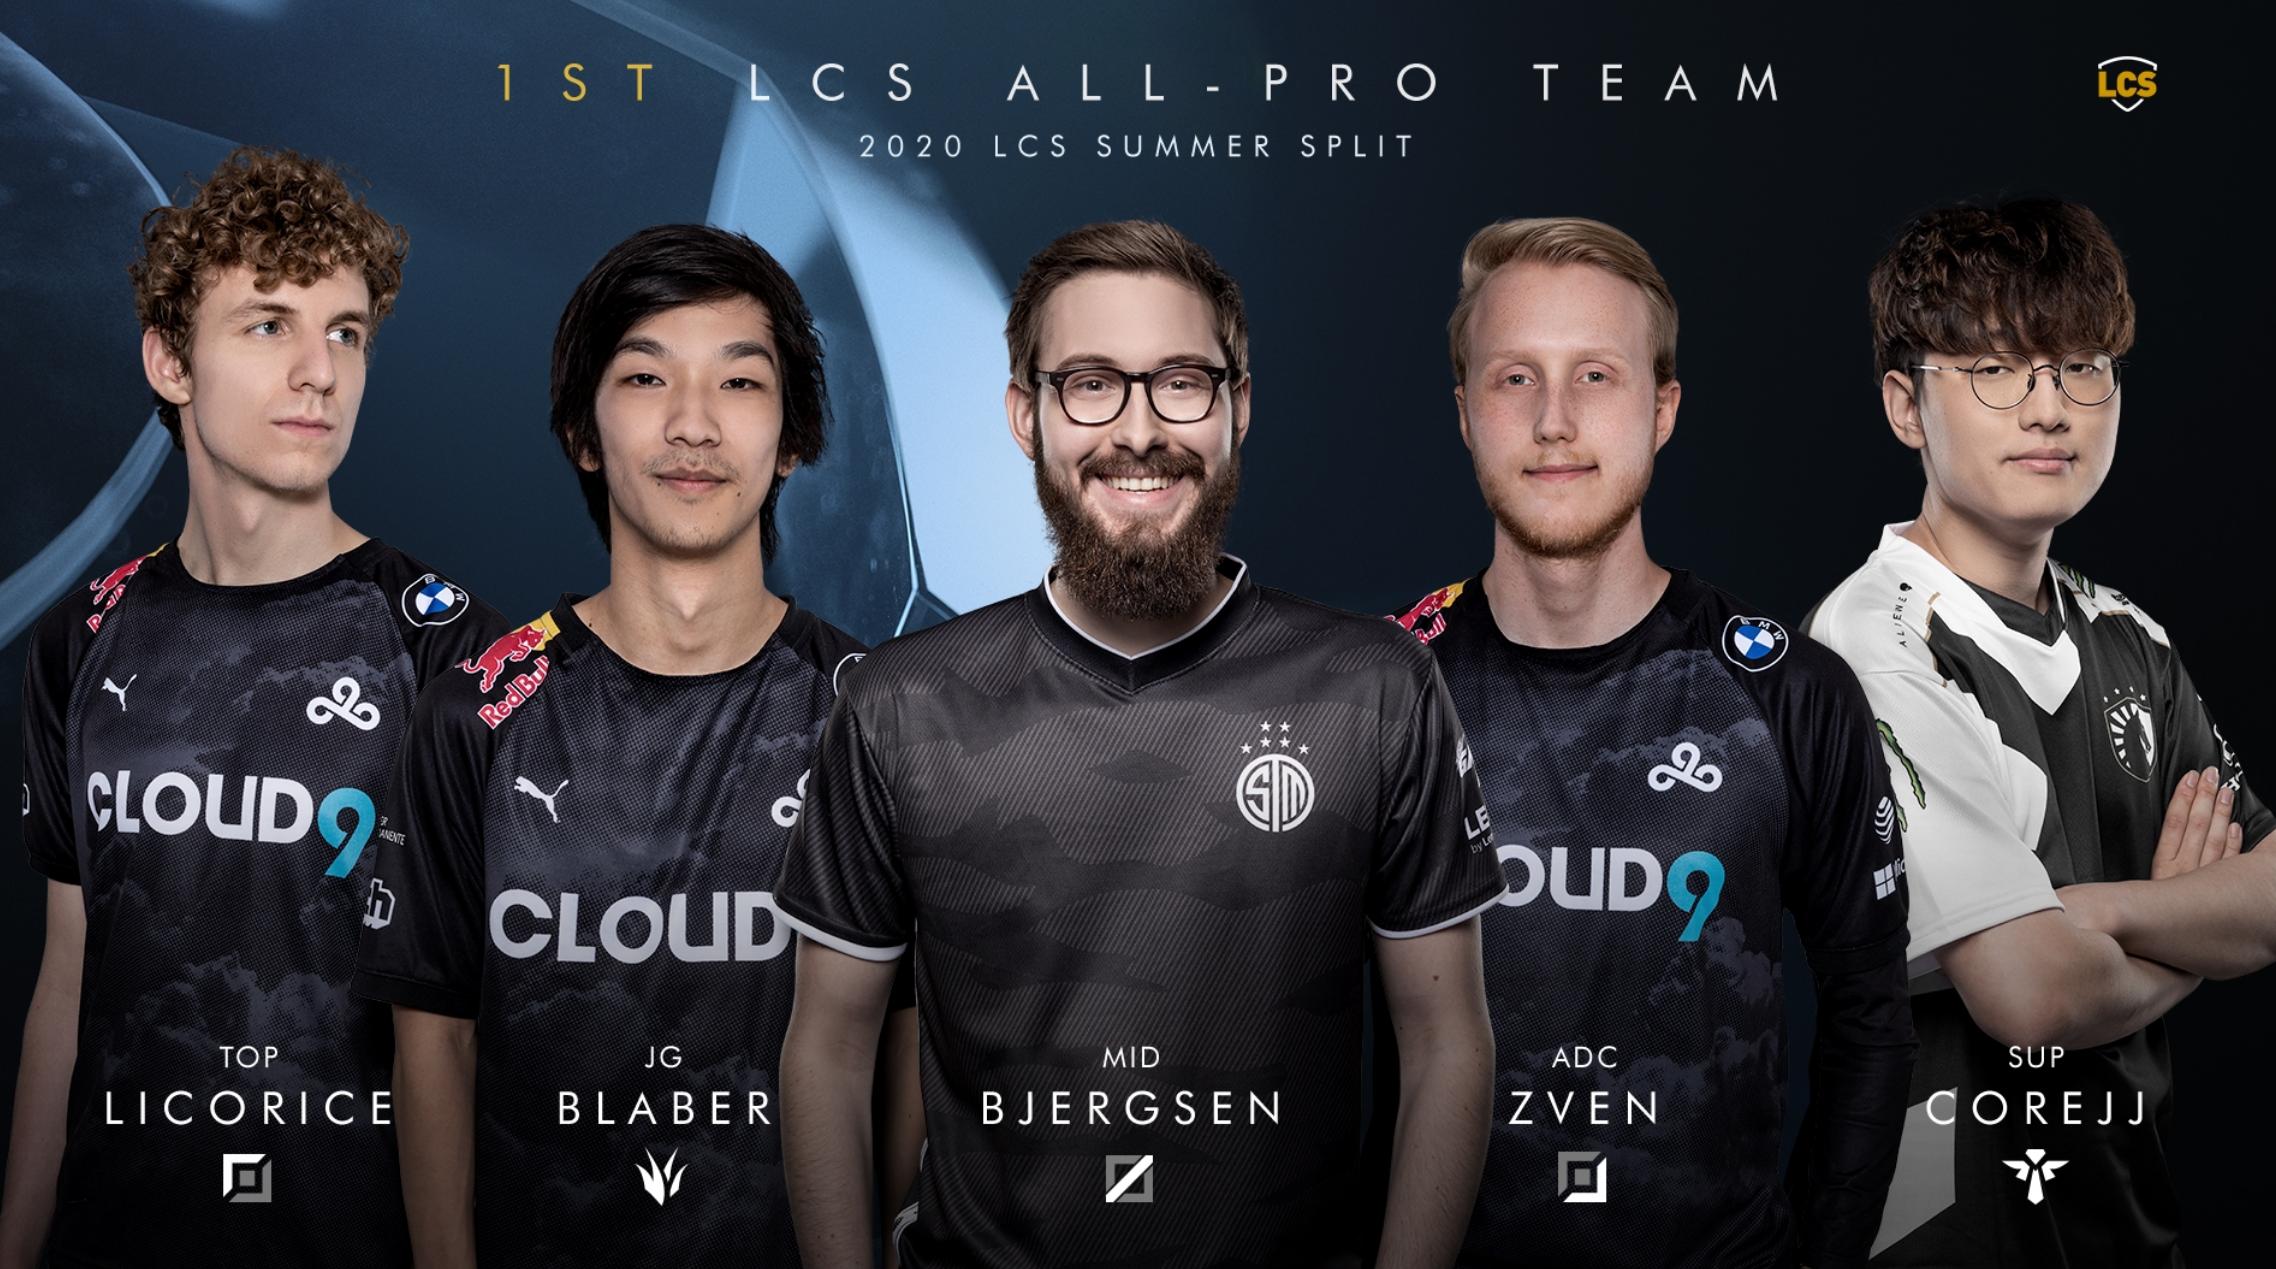 英雄联盟:LCS夏季赛最佳阵容,C9三人进一阵,Bjergsen最佳中单  第1张